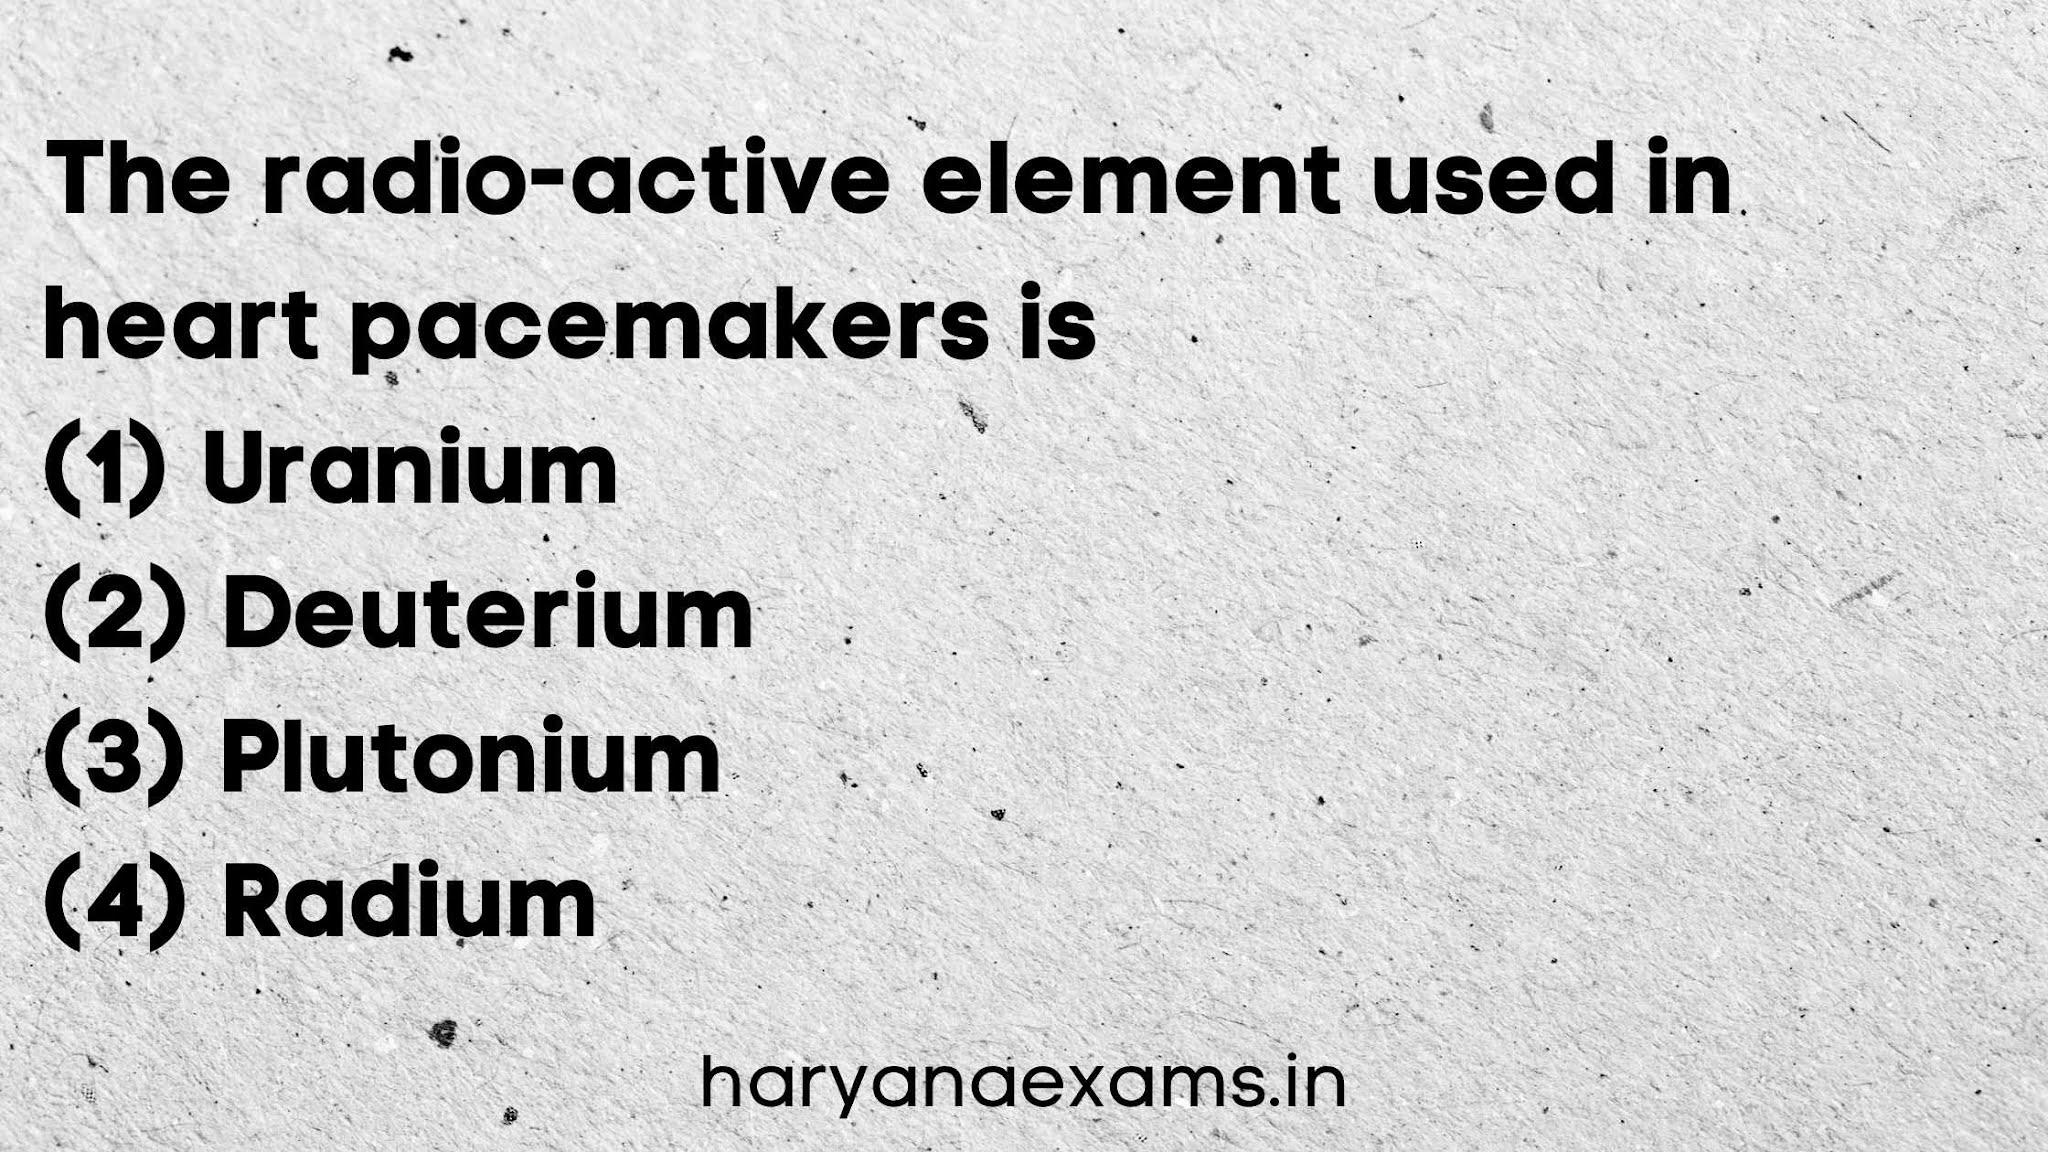 The radioactive element used in heart pacemakers is   (1) Uranium   (2) Deuterium   (3) Plutonium   (4) Radium